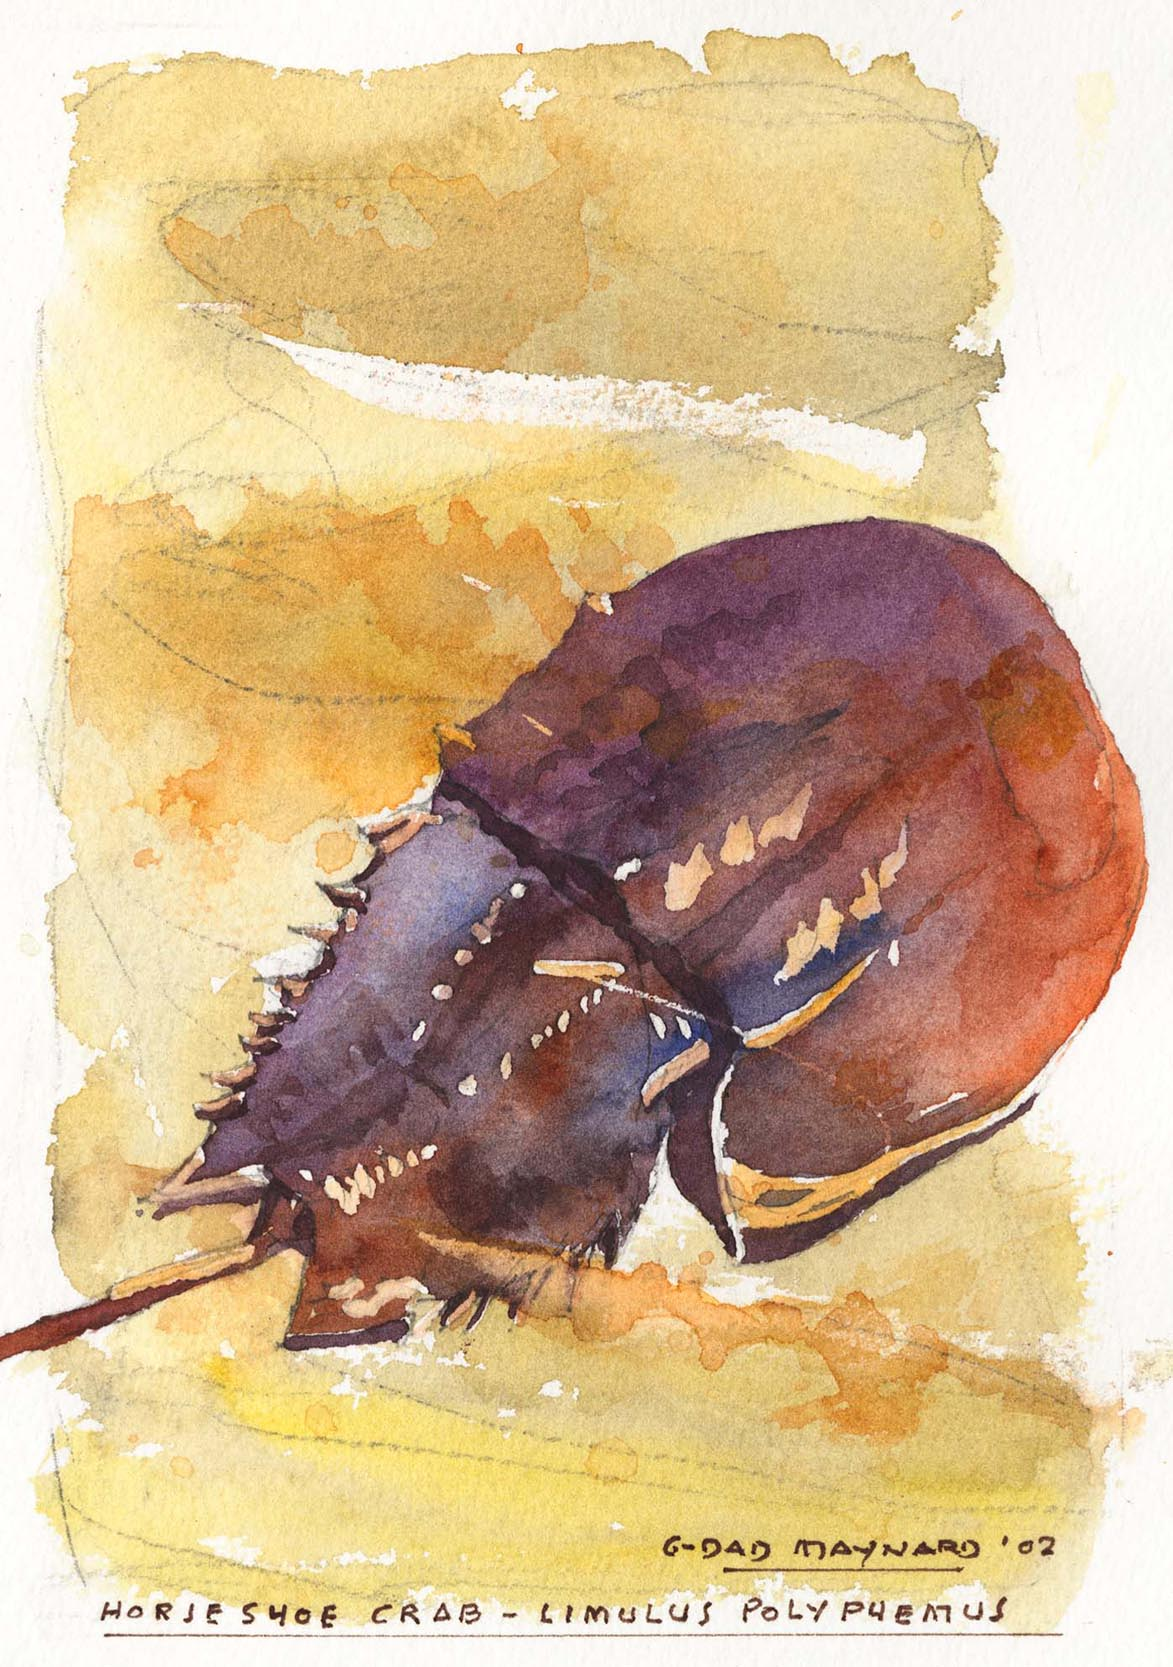 Horseshoe Crab - Limulus polyphemus